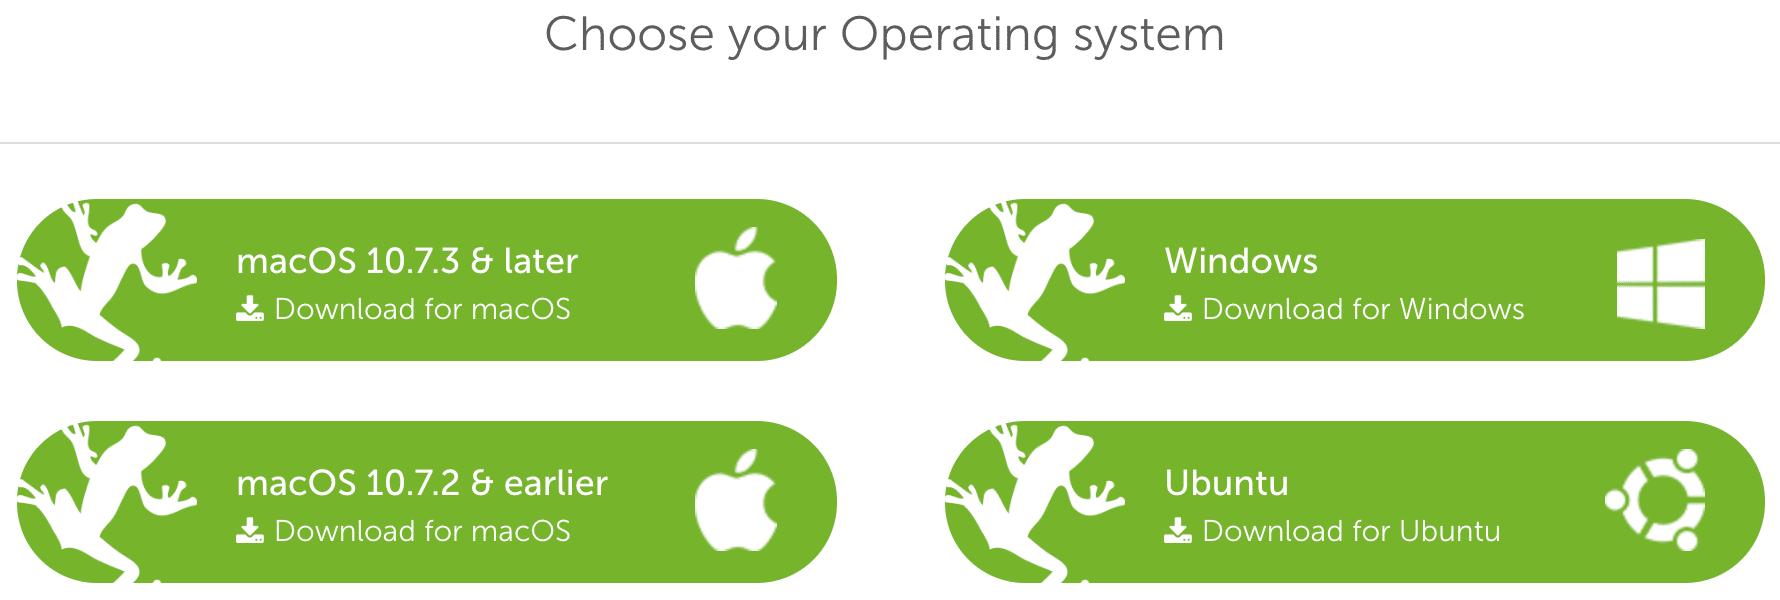 Screaming Frog wird für verschiedene Systeme angeboten